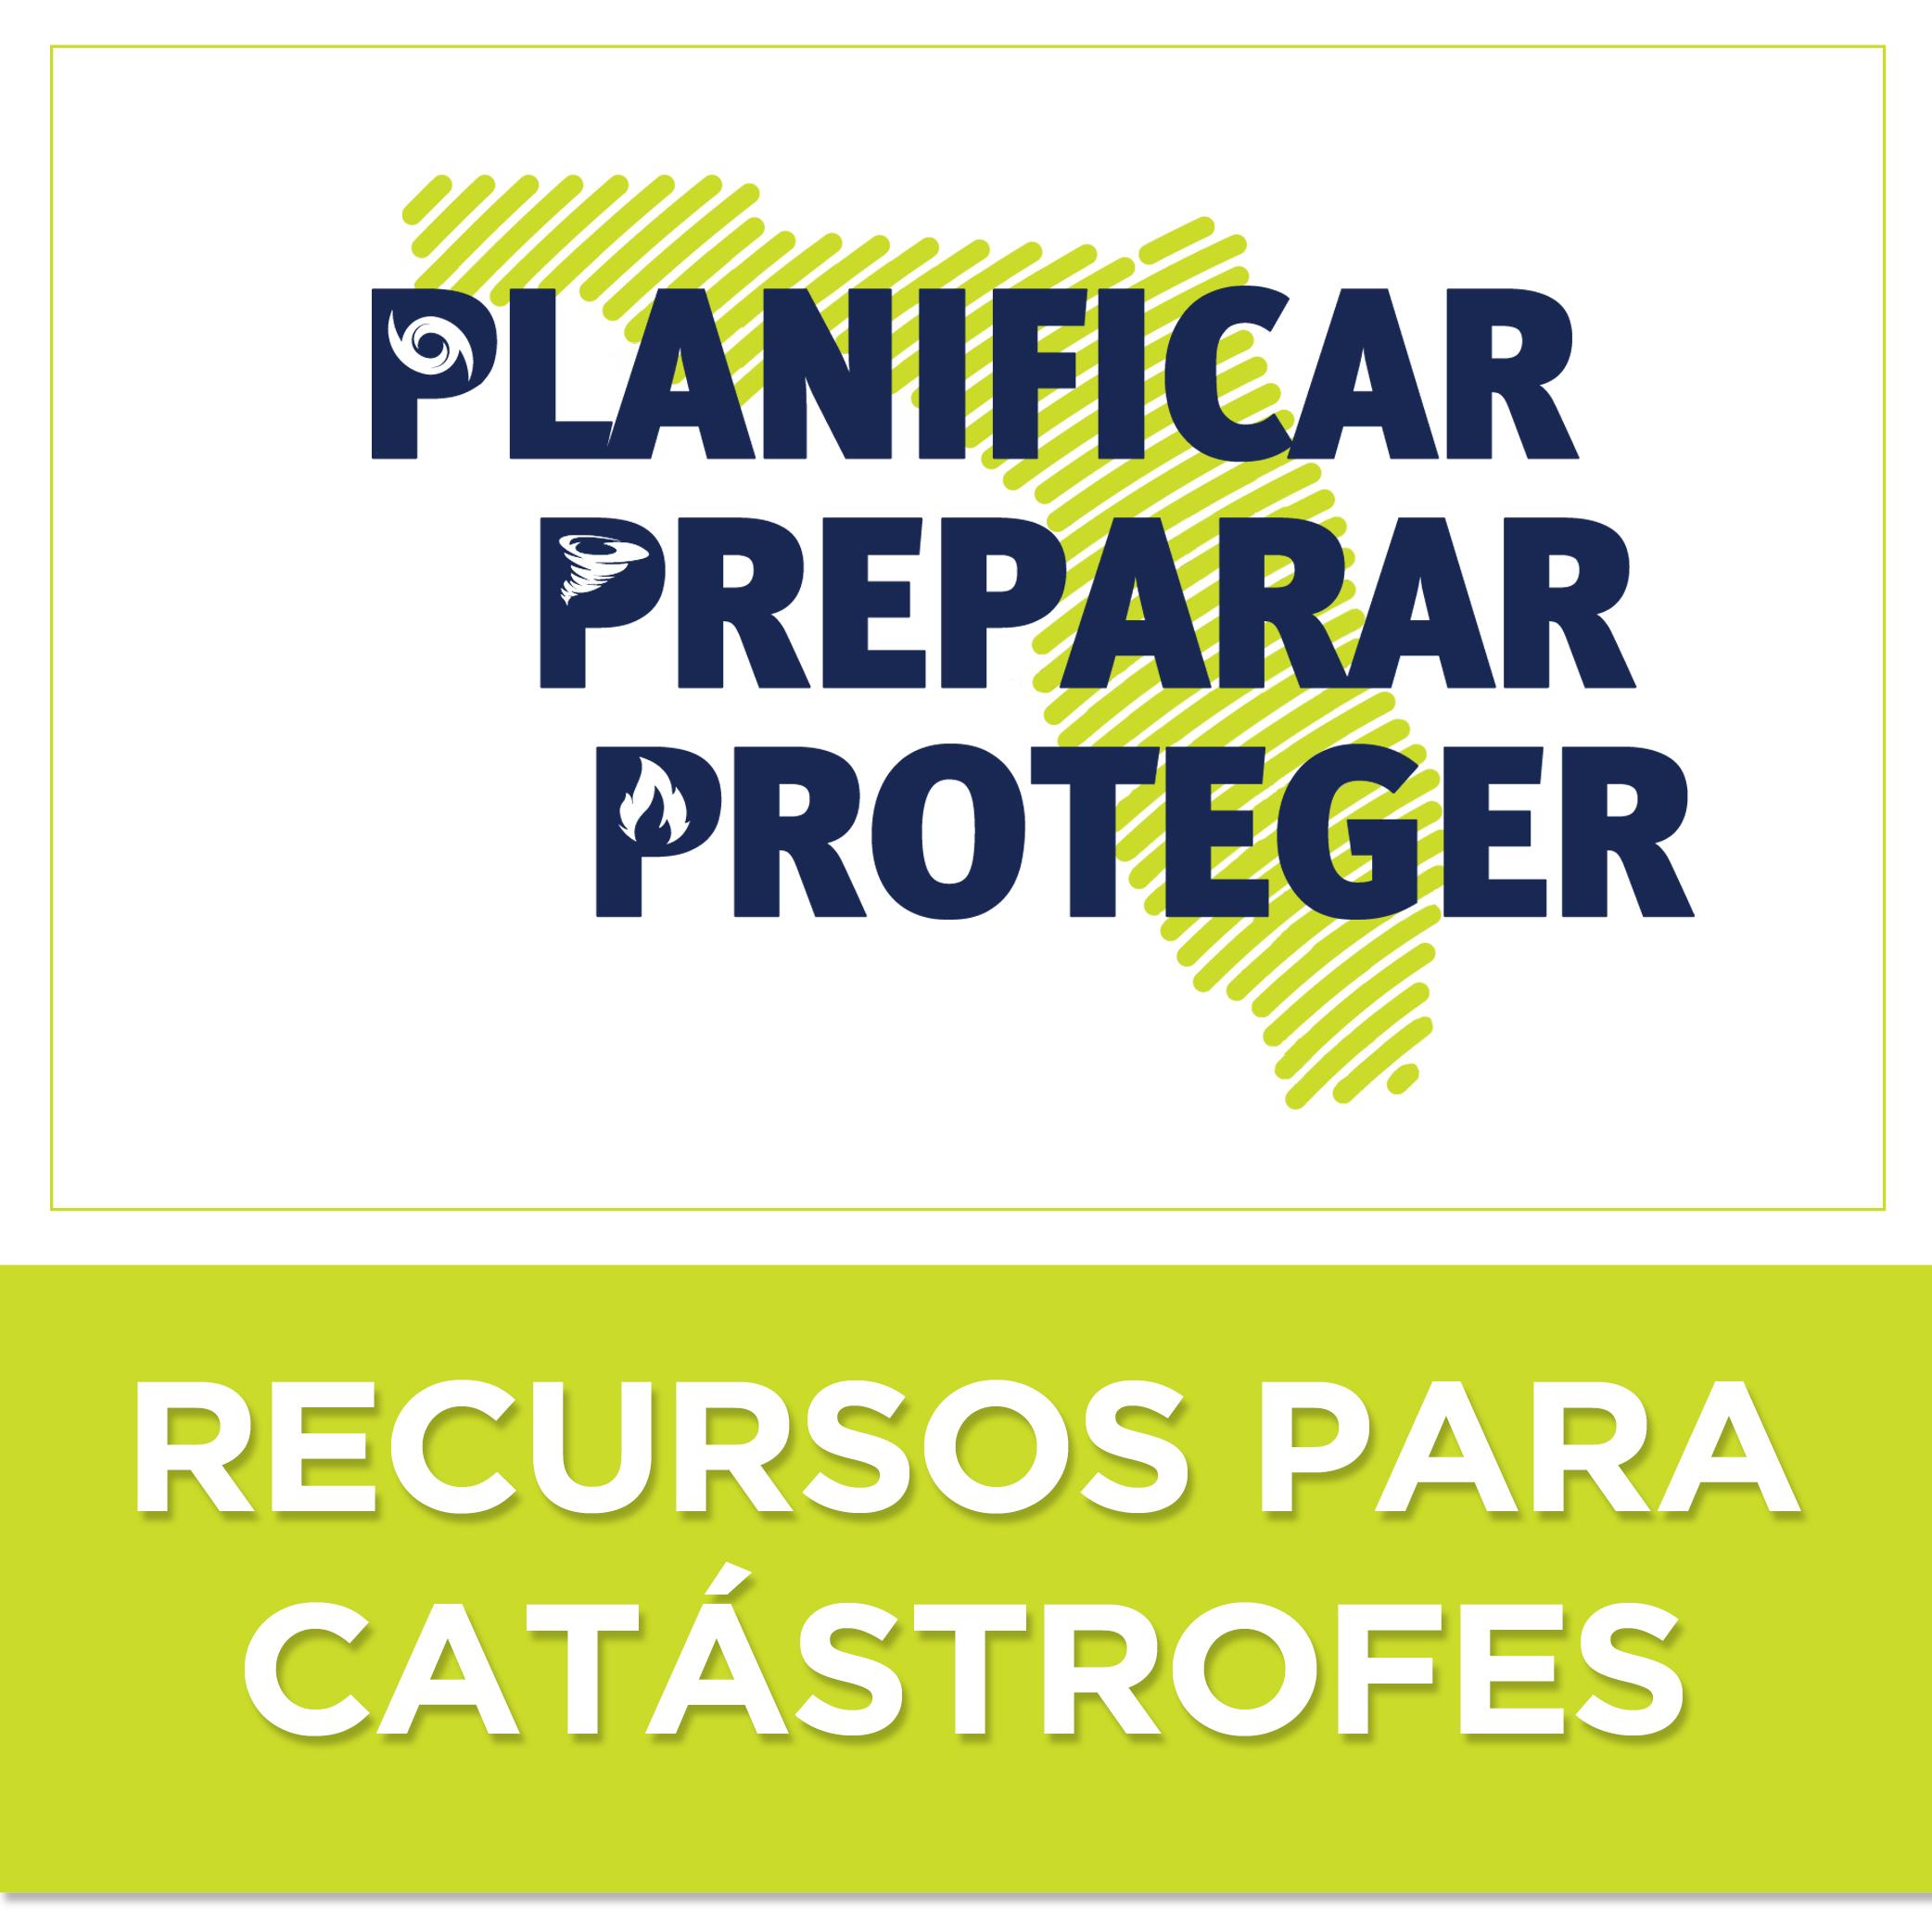 Recursos de Preparación para Catástrofes